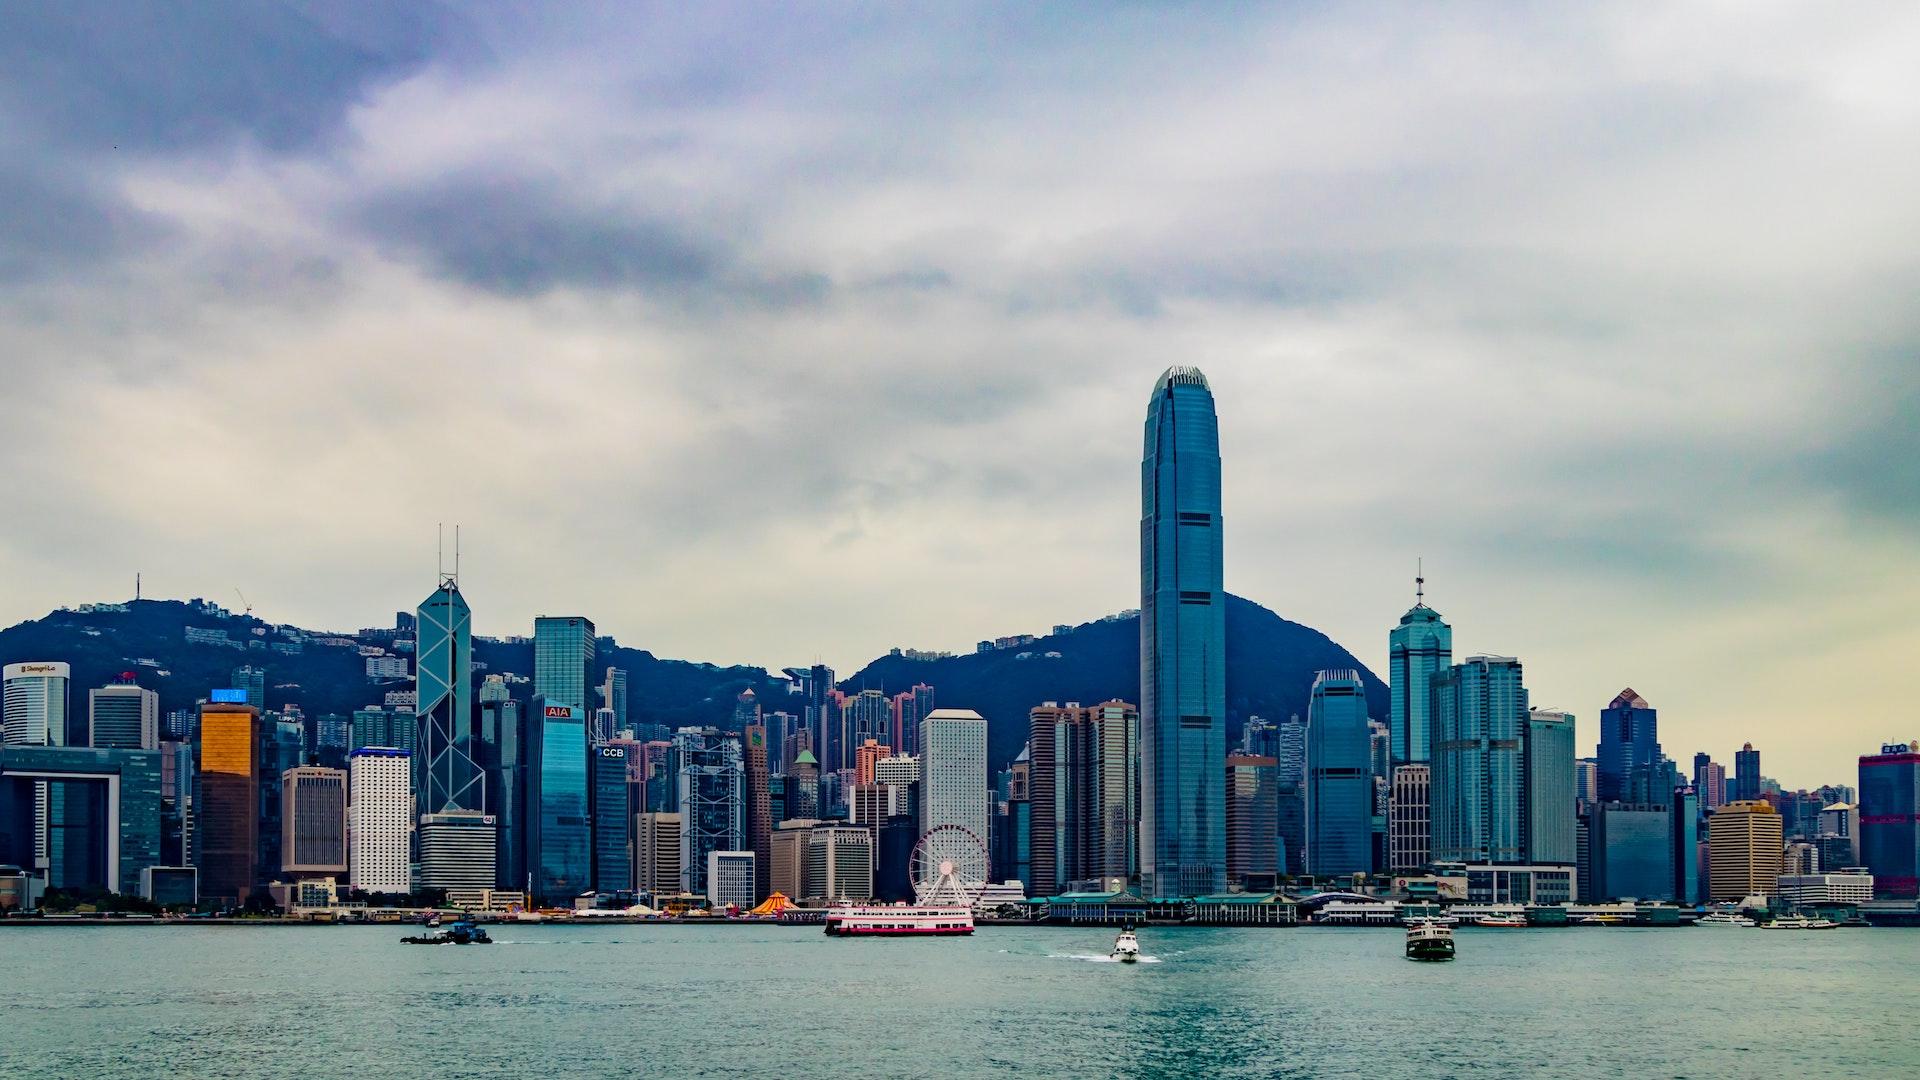 Estas son las ciudades con más turistas del mundo: ranking 2019